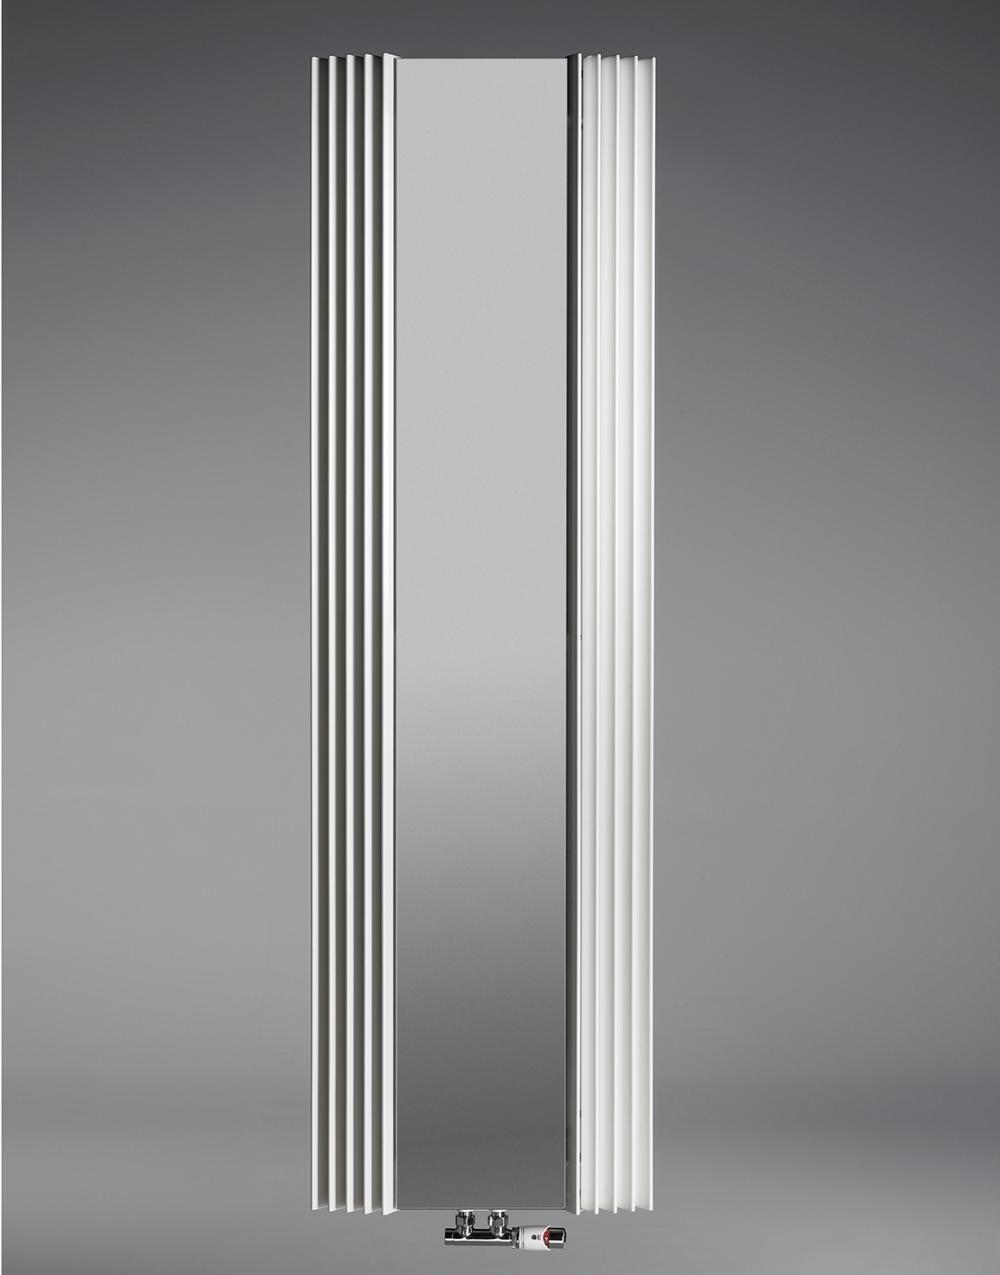 Calorifer cu oglinda Jaga Iguana Visio 2200x625 mm, 1092 W